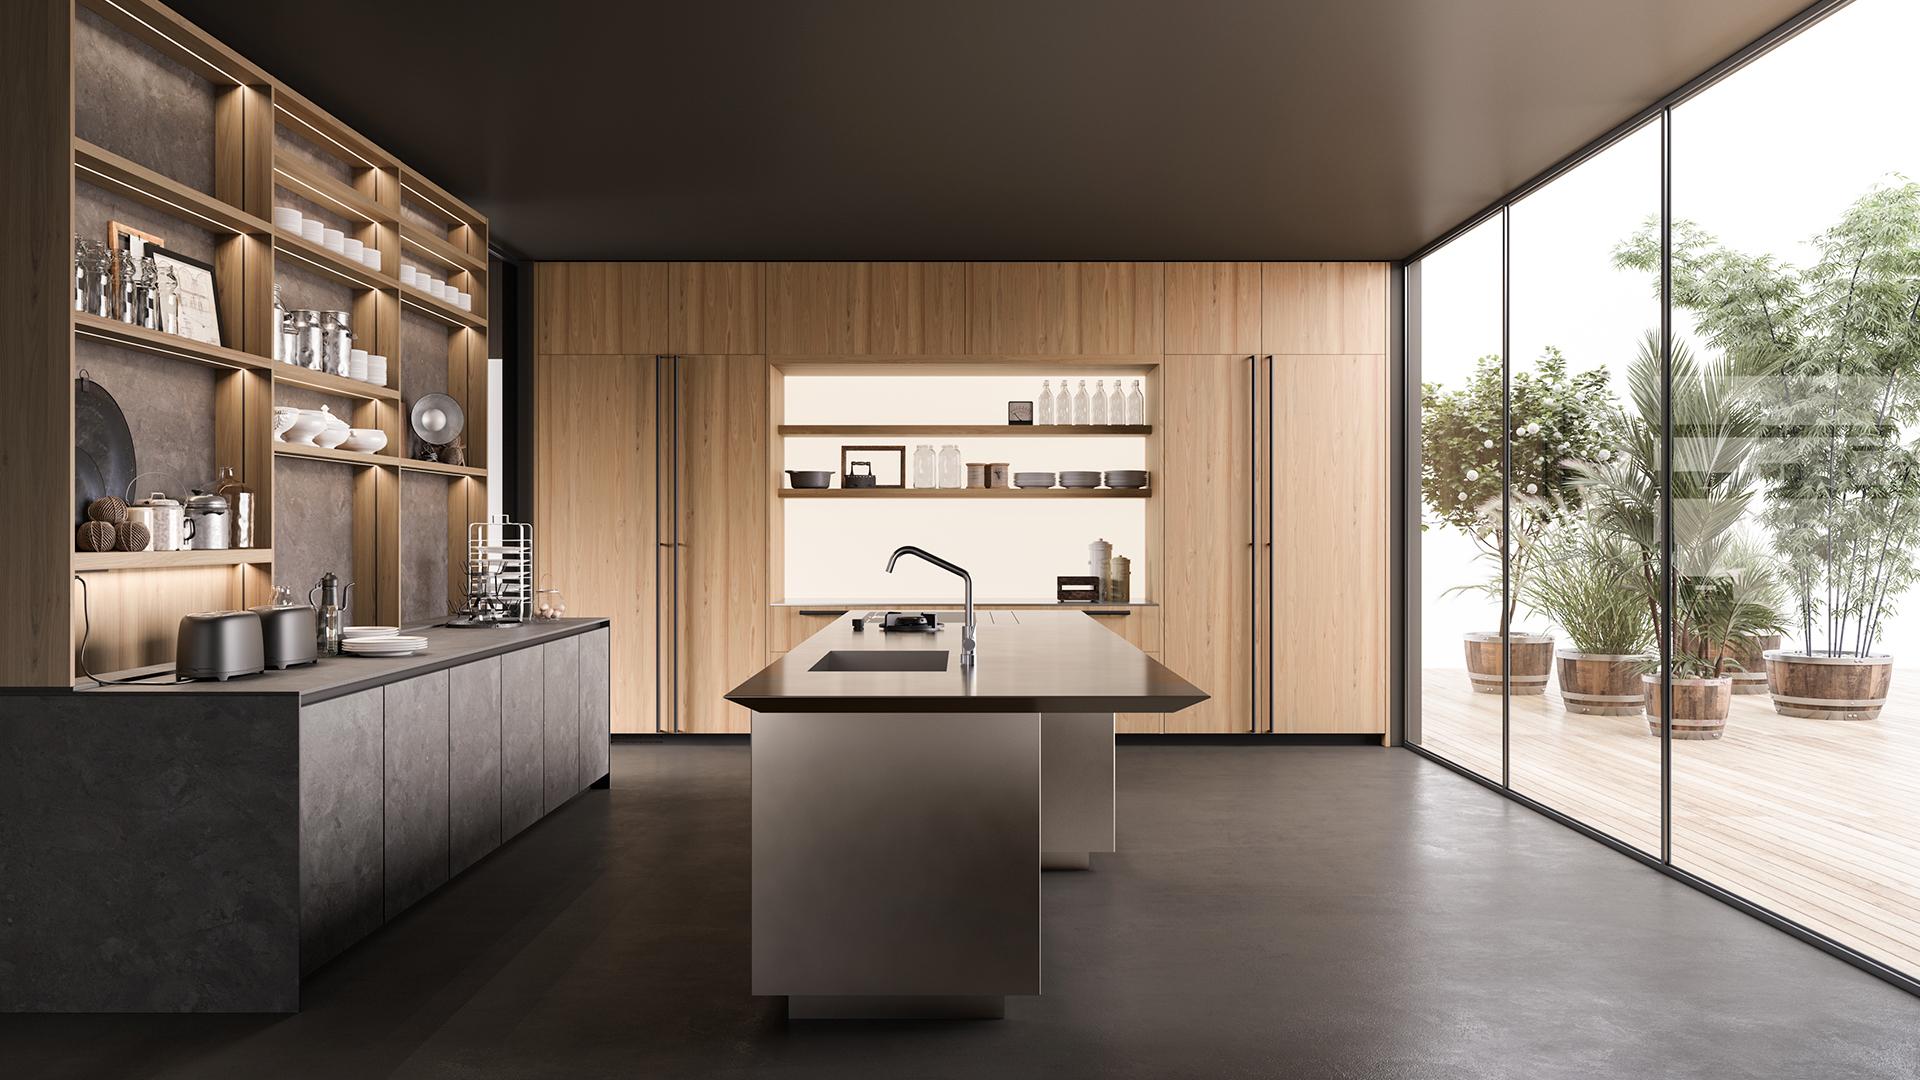 Para as cozinhas, a tendência são as cores neutras, principalmente tons de cinza. Os móveis misturam materiais como madeira e laca a metais e vidros